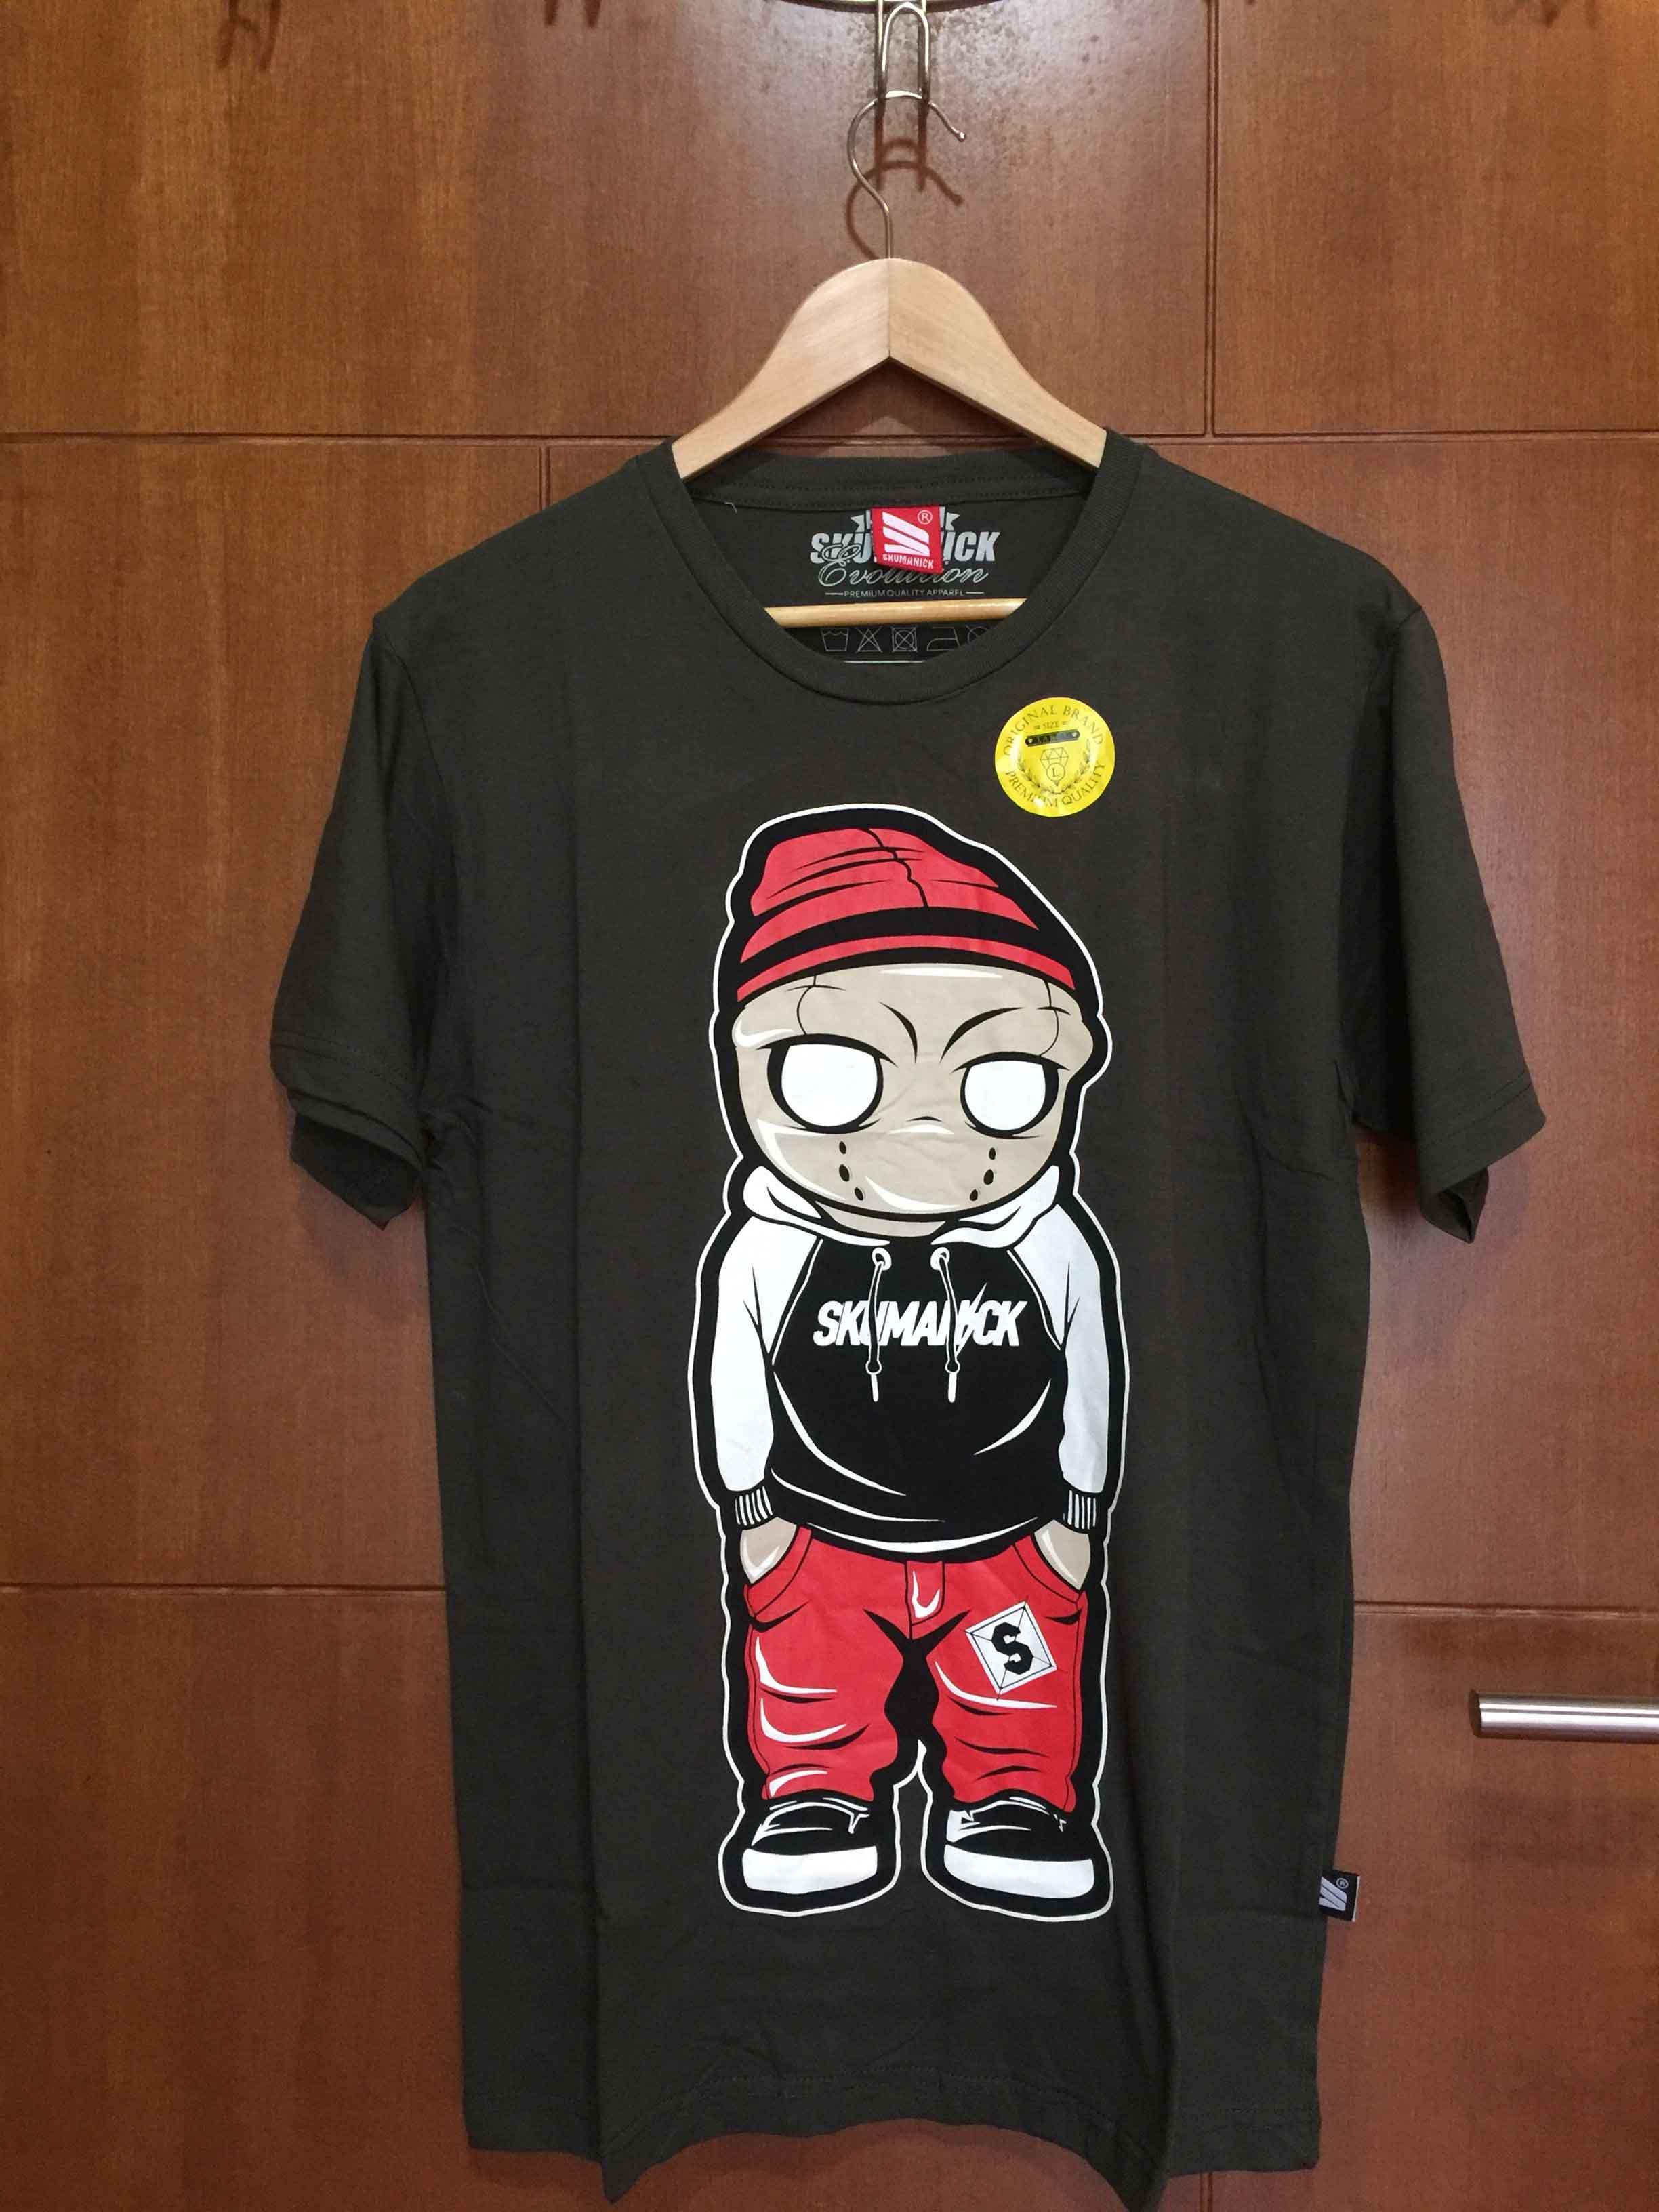 Jual T-shirt Pria Baju Distro Terbaru - 12 Cara Beli Yang Benar